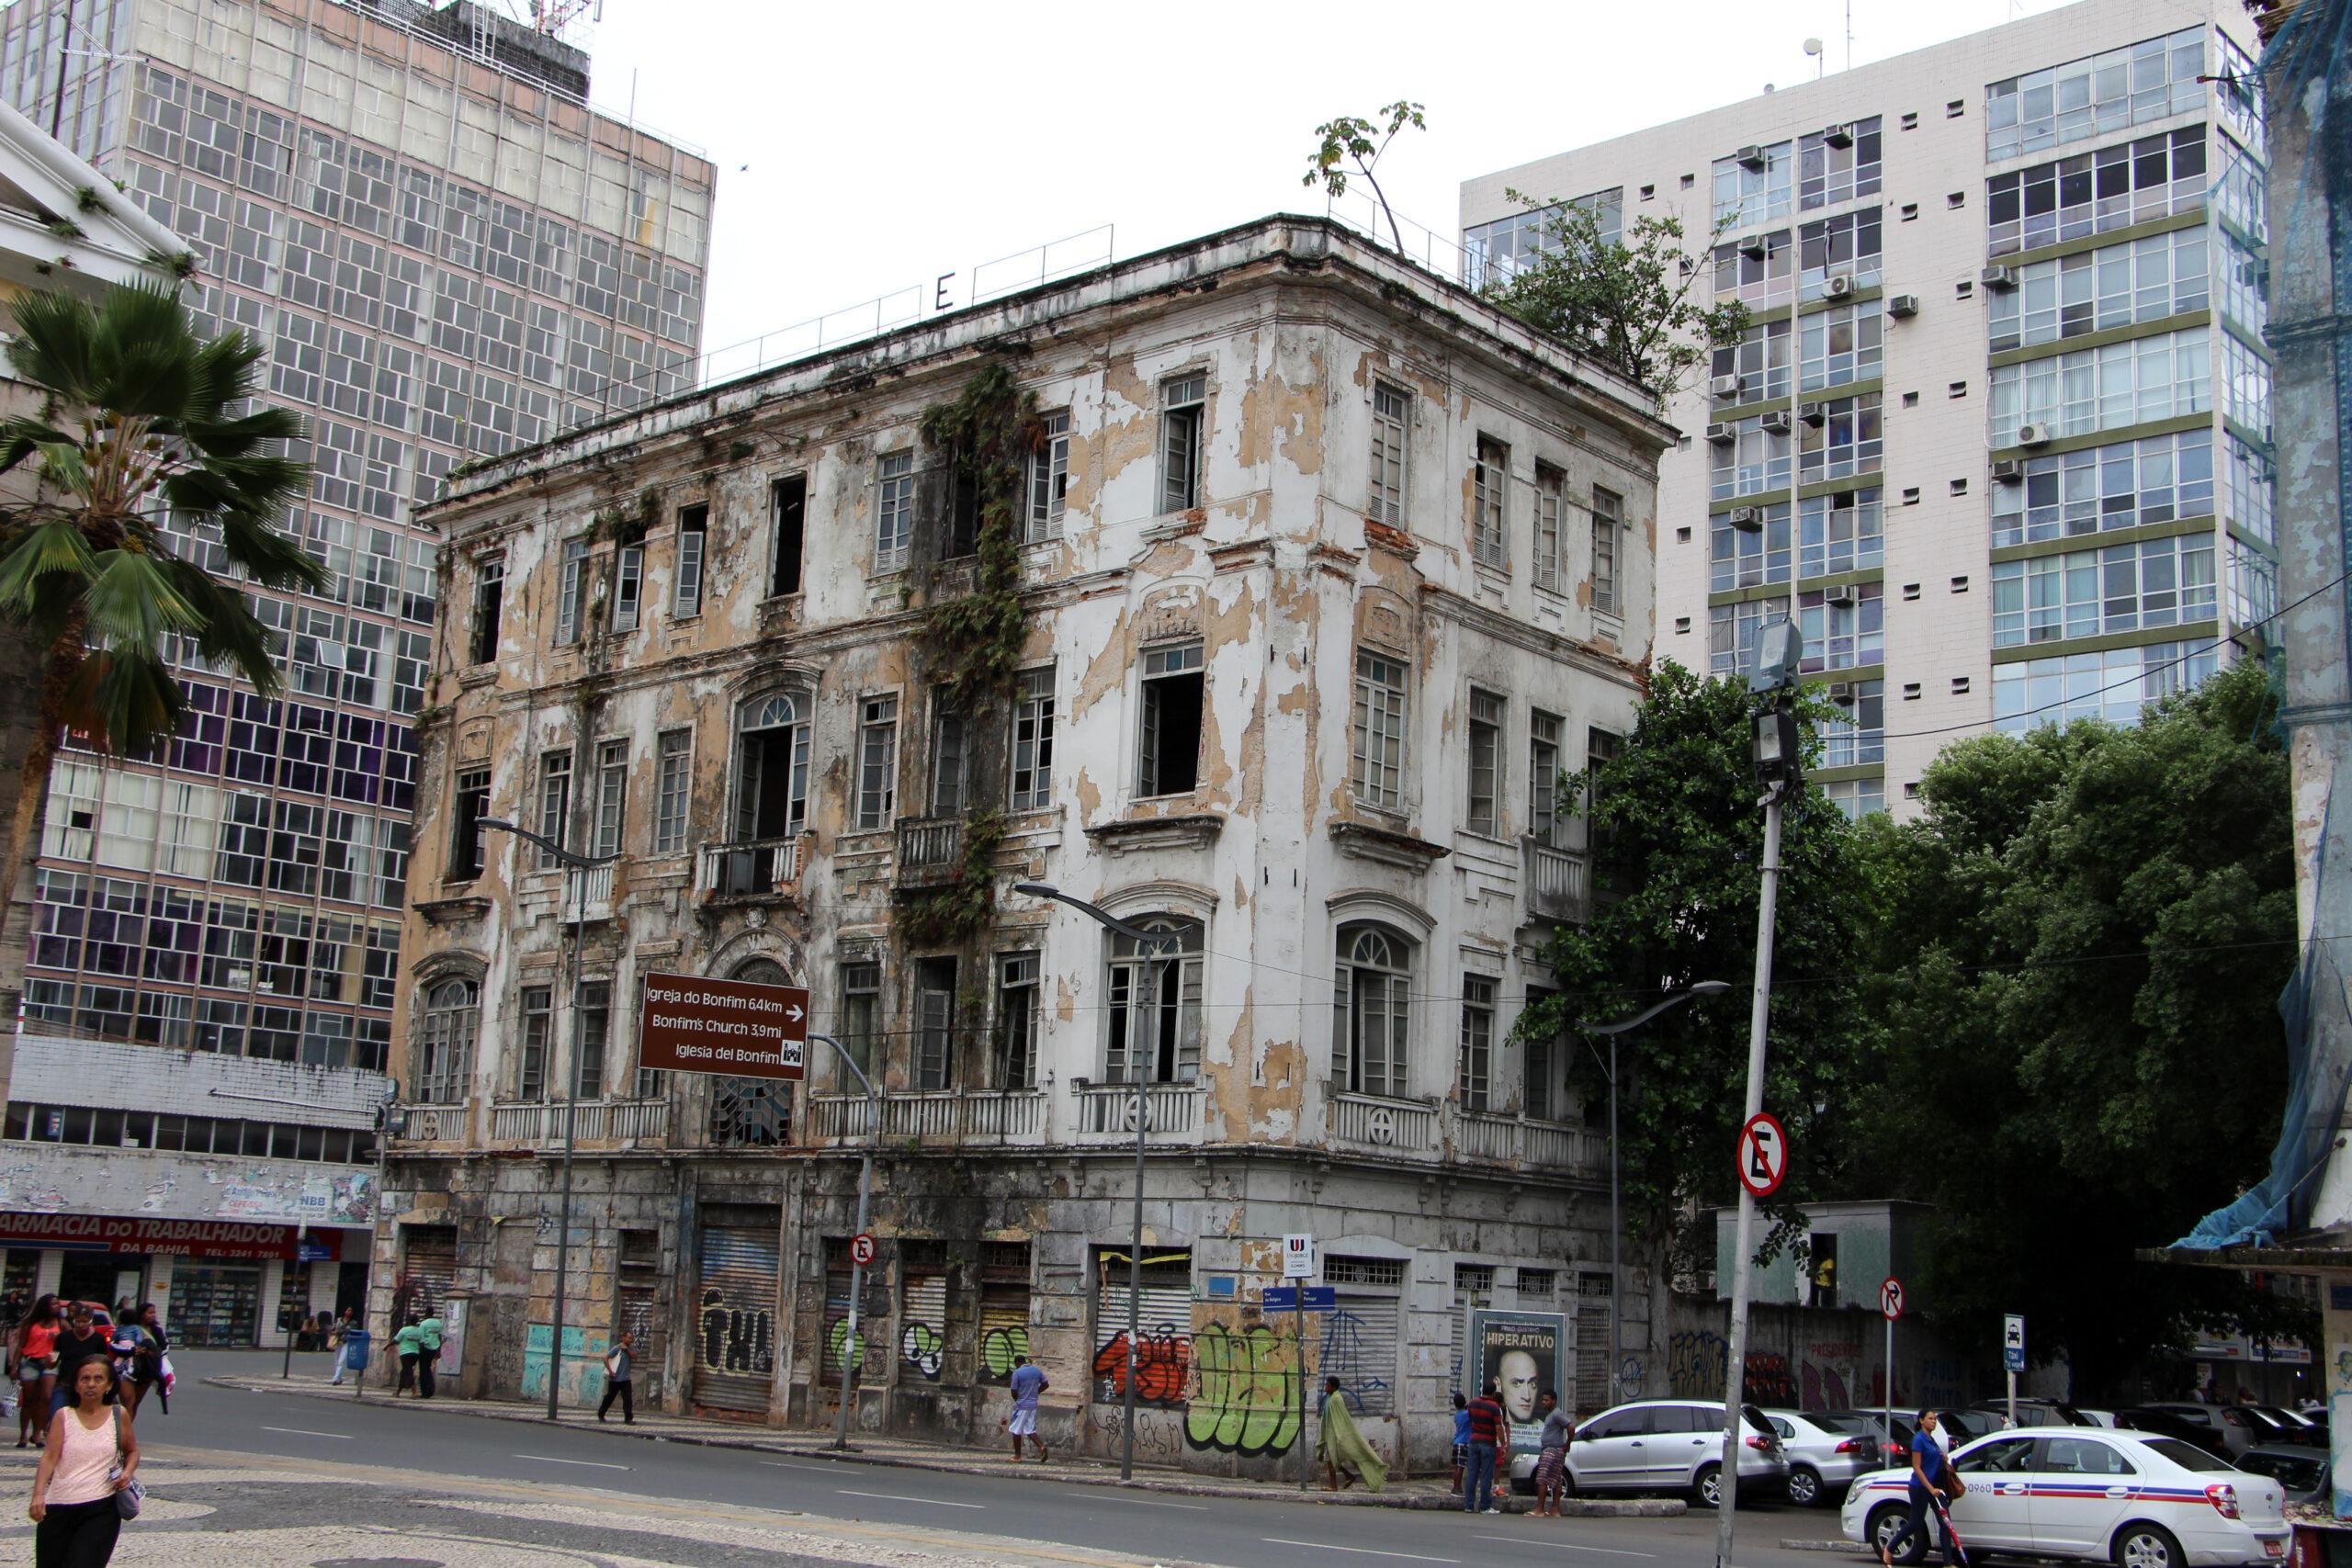 VIDEO: Edifici abbandonati & Ordinanza sindacale contingibile e urgente